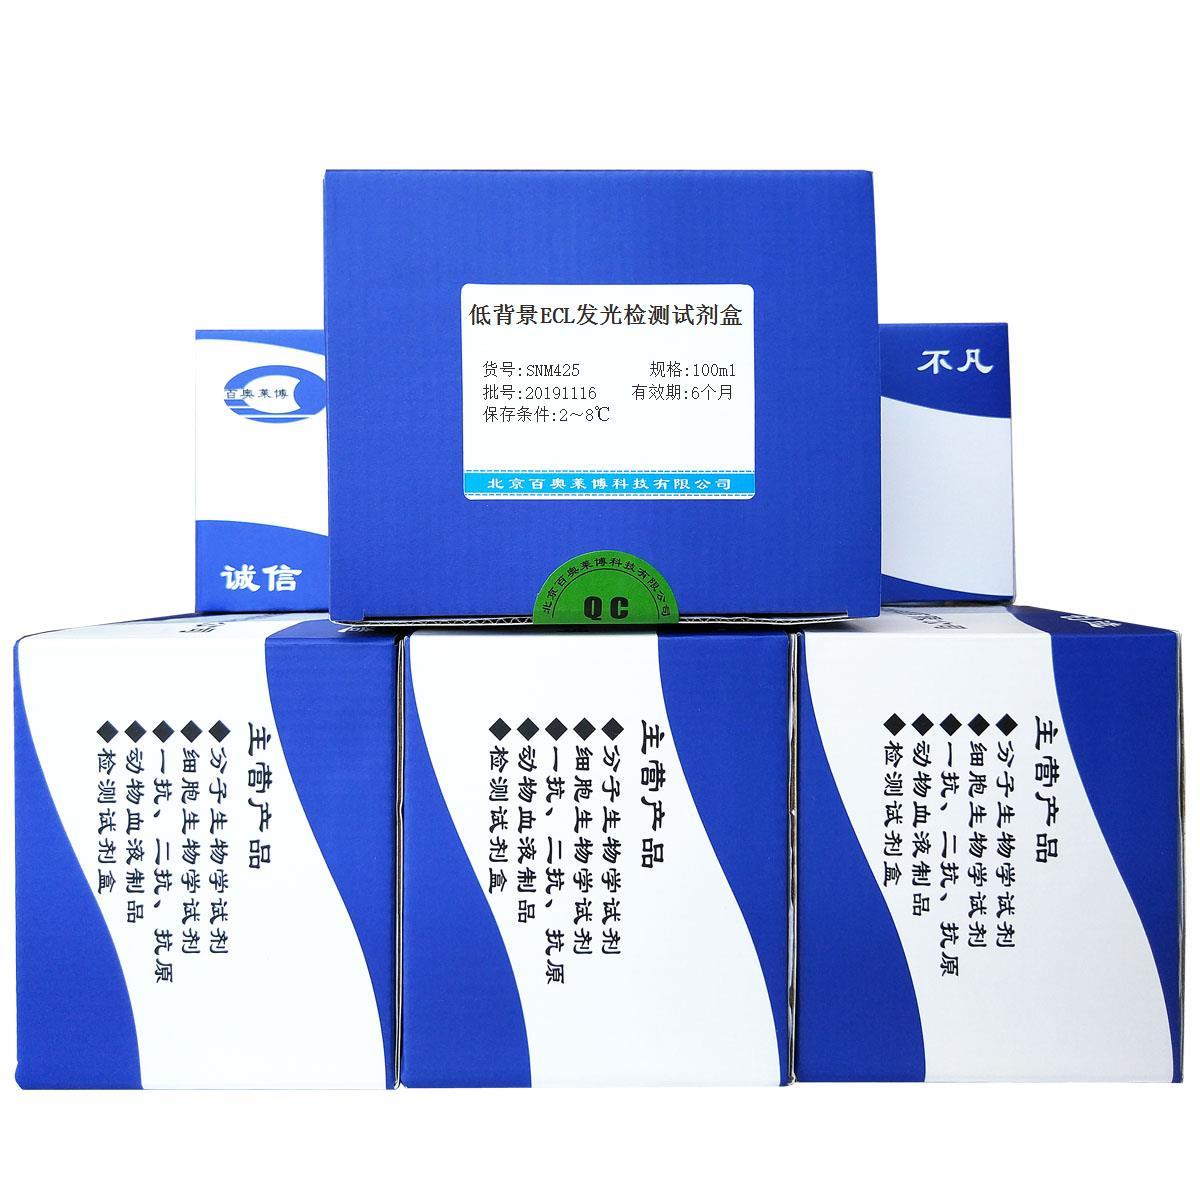 低背景ECL发光检测试剂盒北京品牌